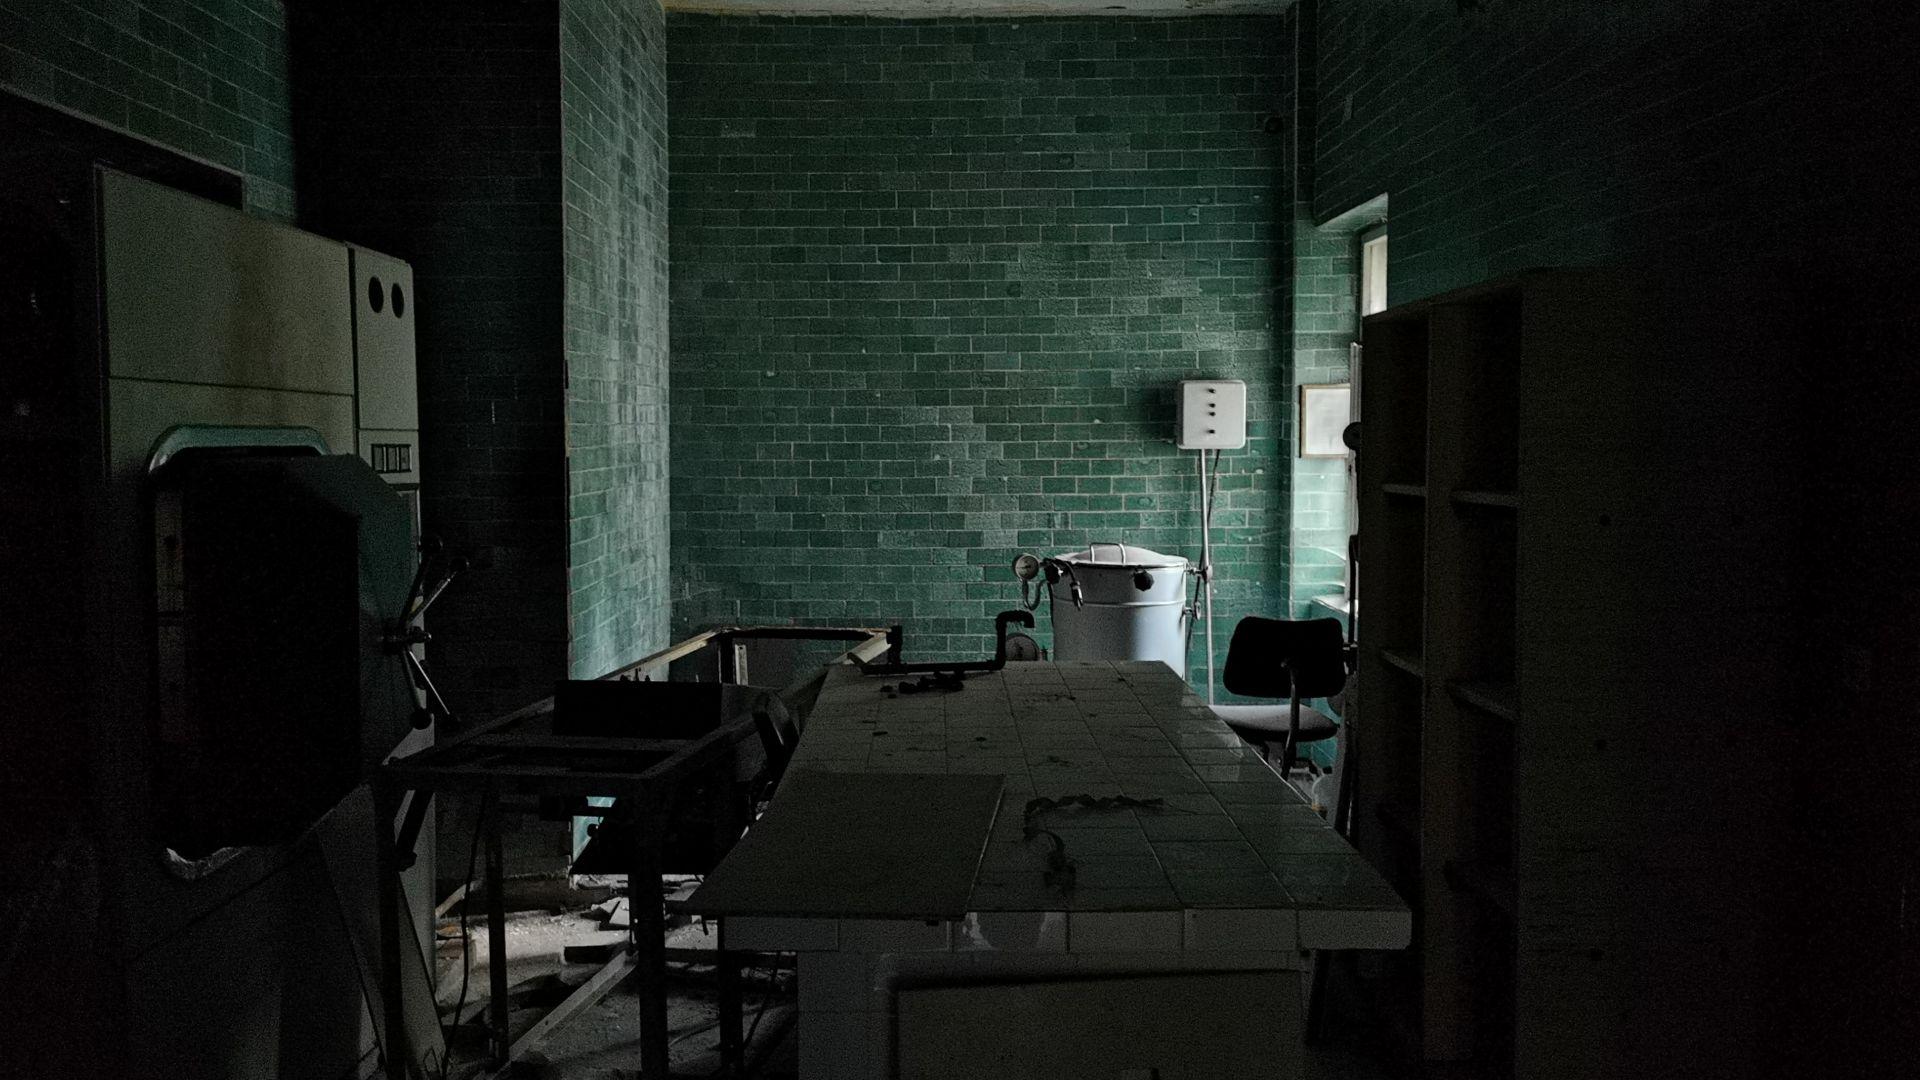 Мястото за почистване на медицинския инвентар